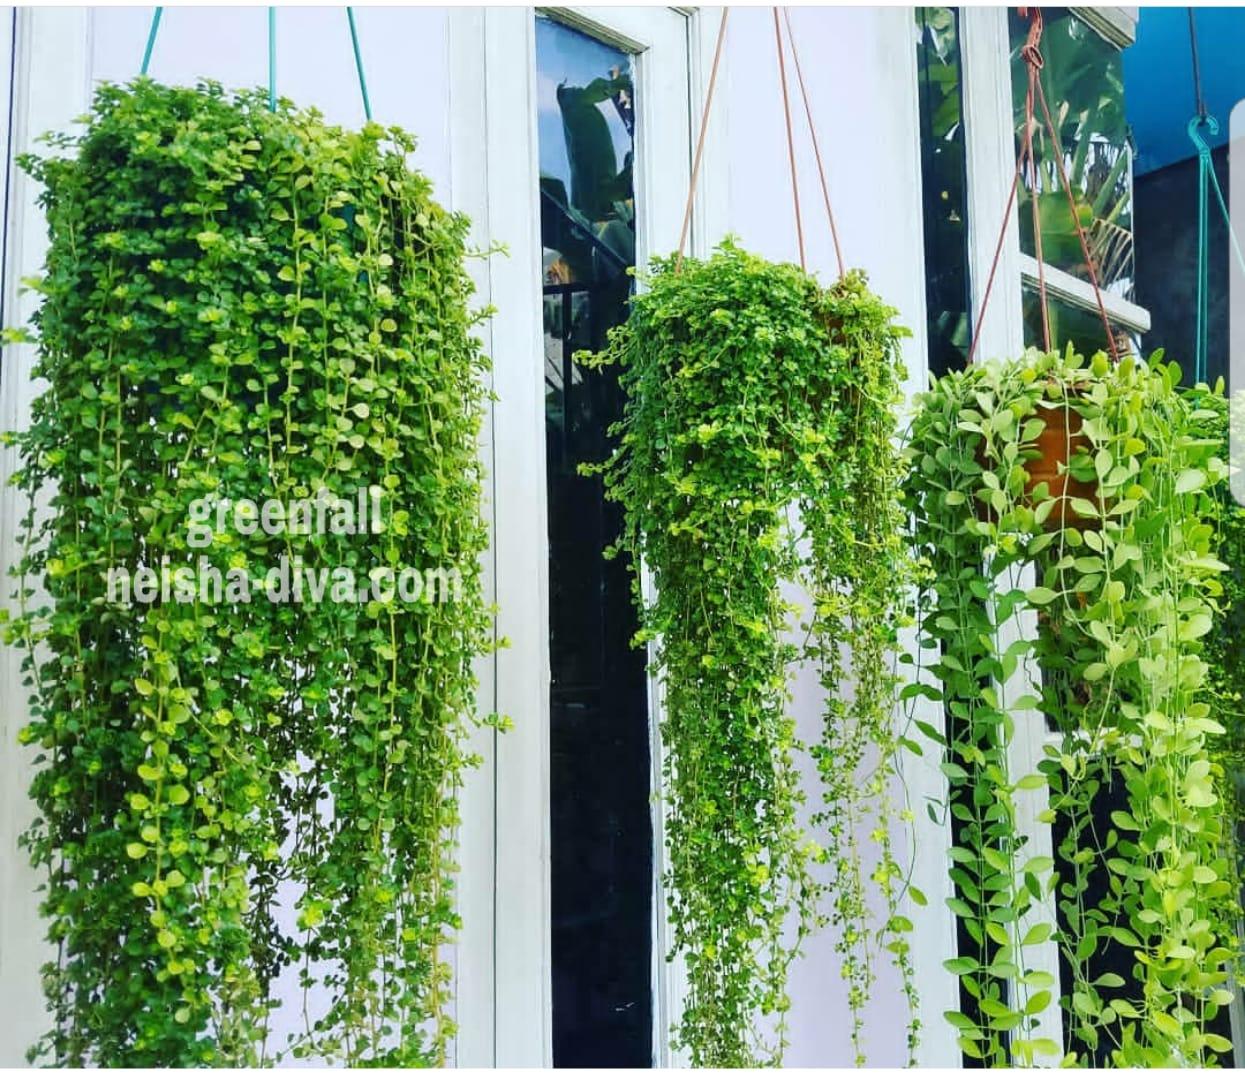 Rumah Bunga Neisha Rumah Bunga Neisha Green Fall Bunga Gantung Berdaun Hijau Segar Dan Cantik